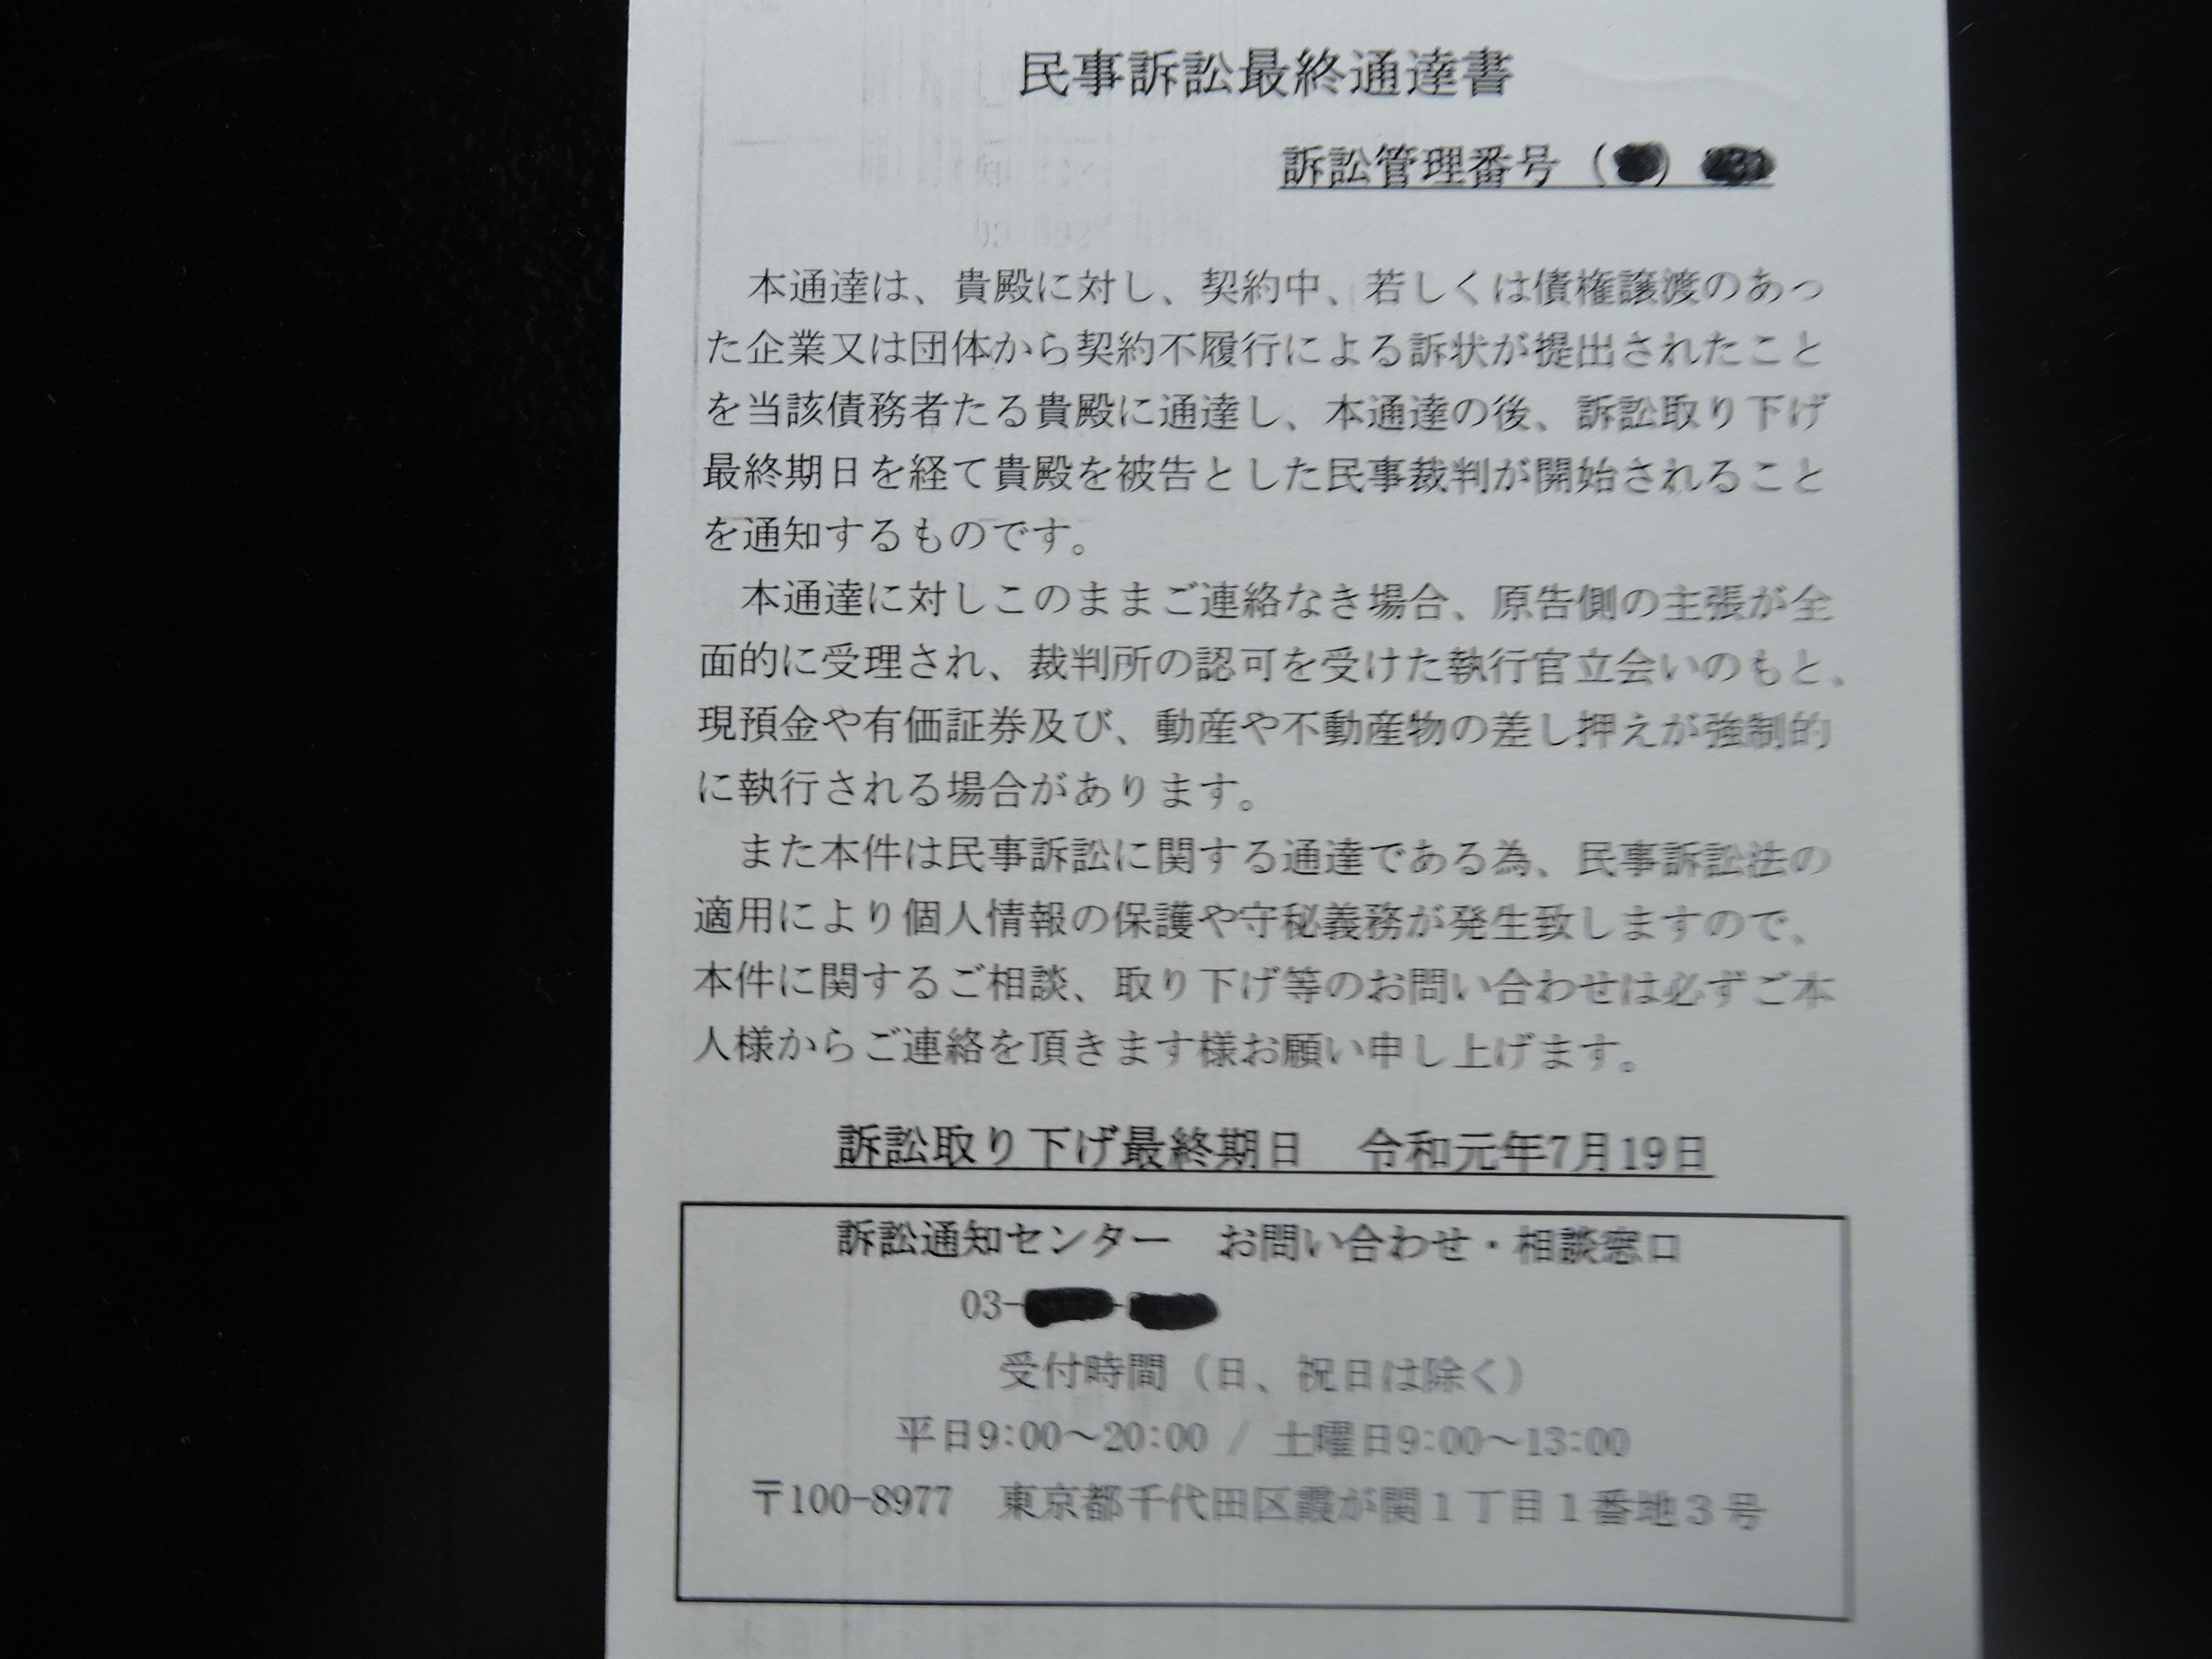 詐欺葉書|民事訴訟最終通達書(訴訟通知センター)